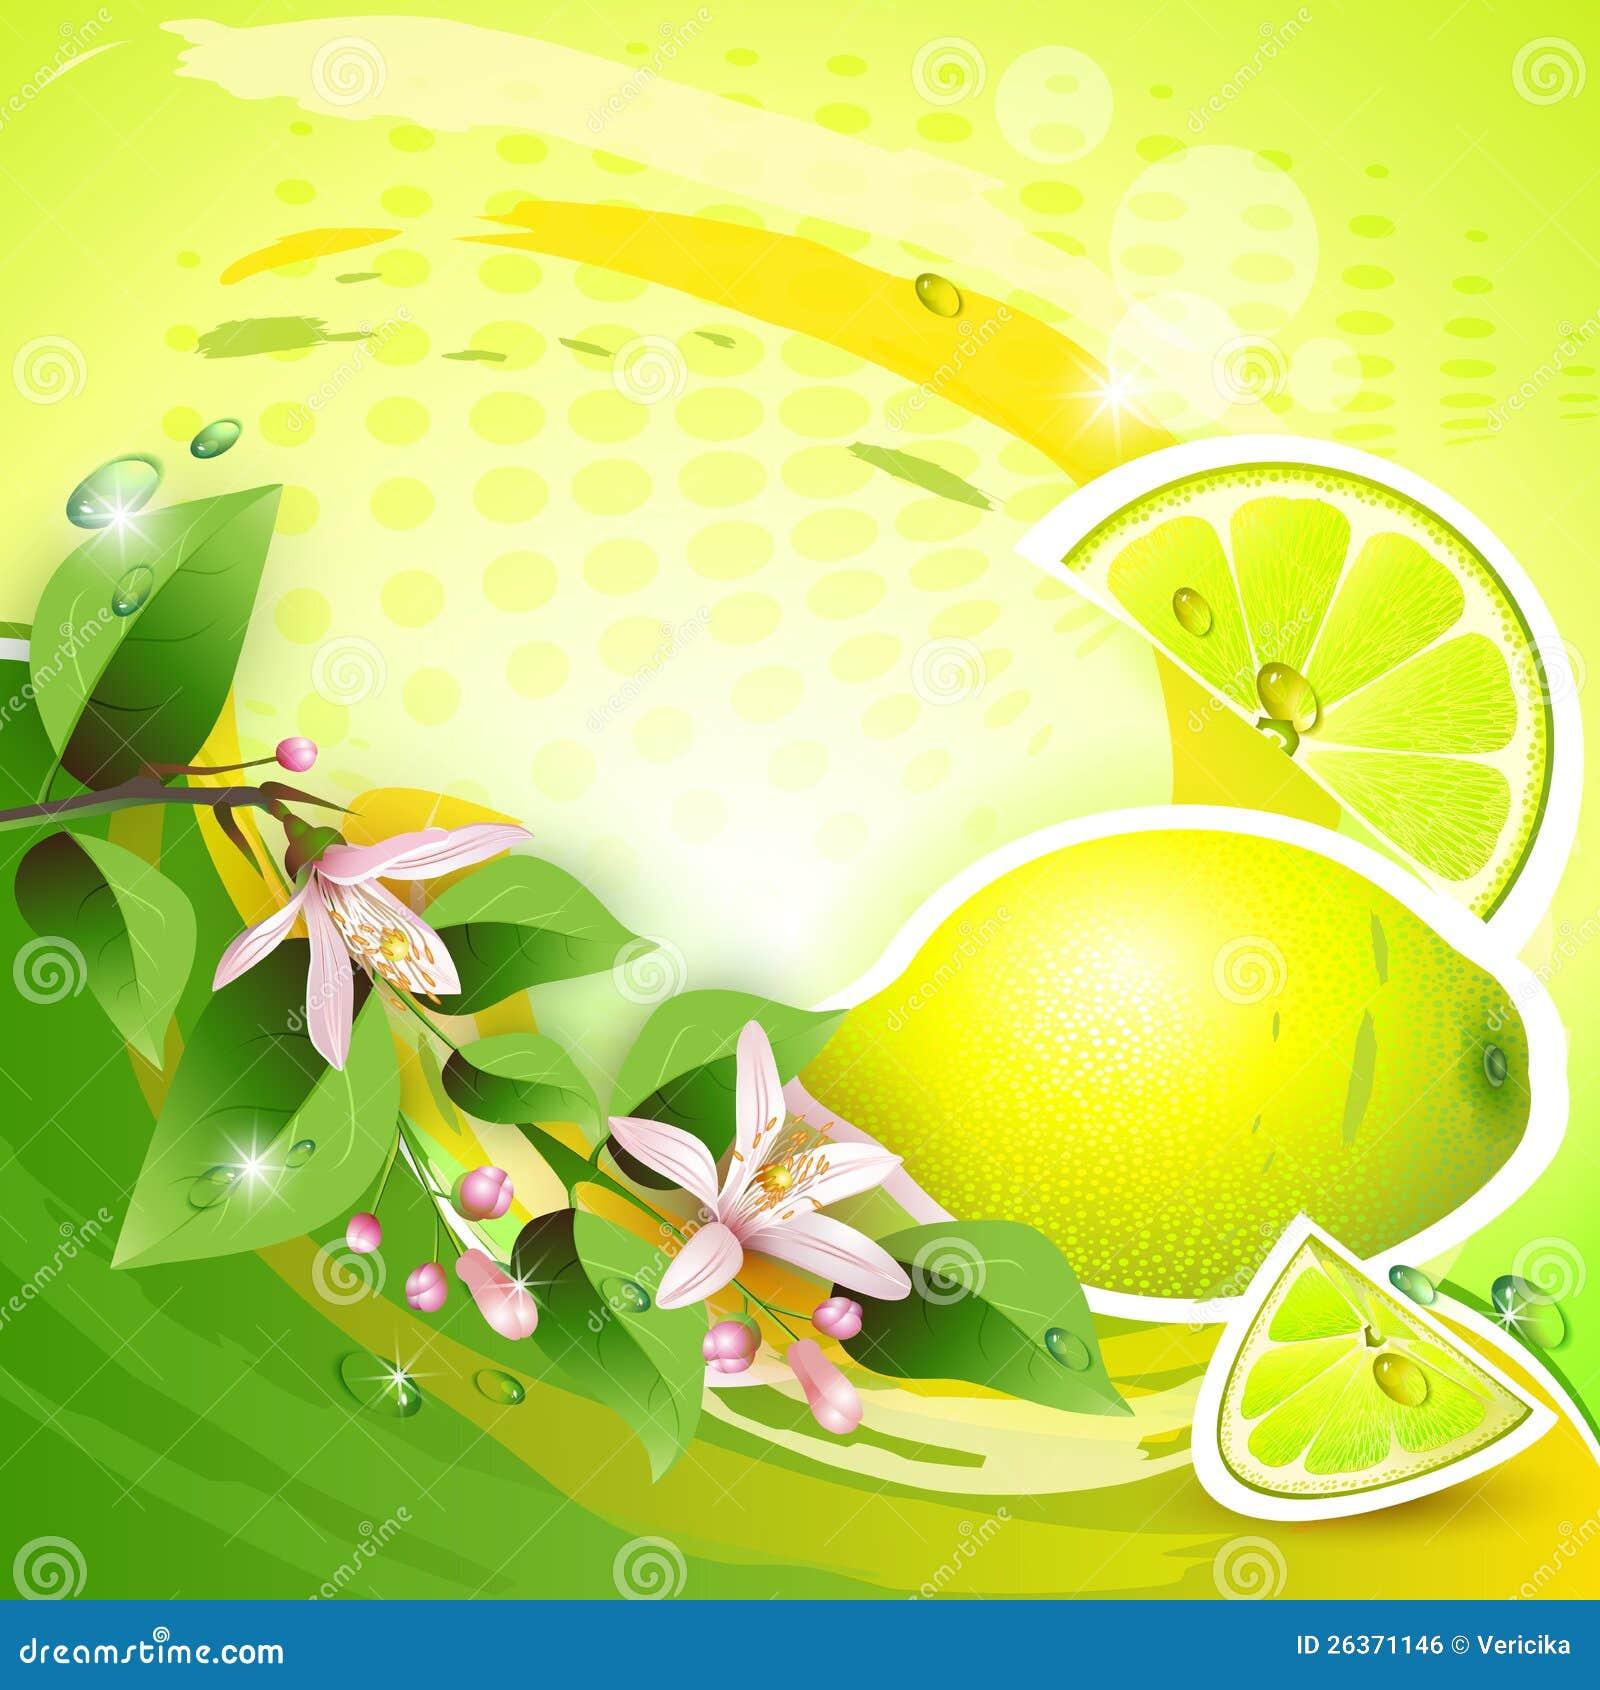 Hintergrund mit frischer Zitrone